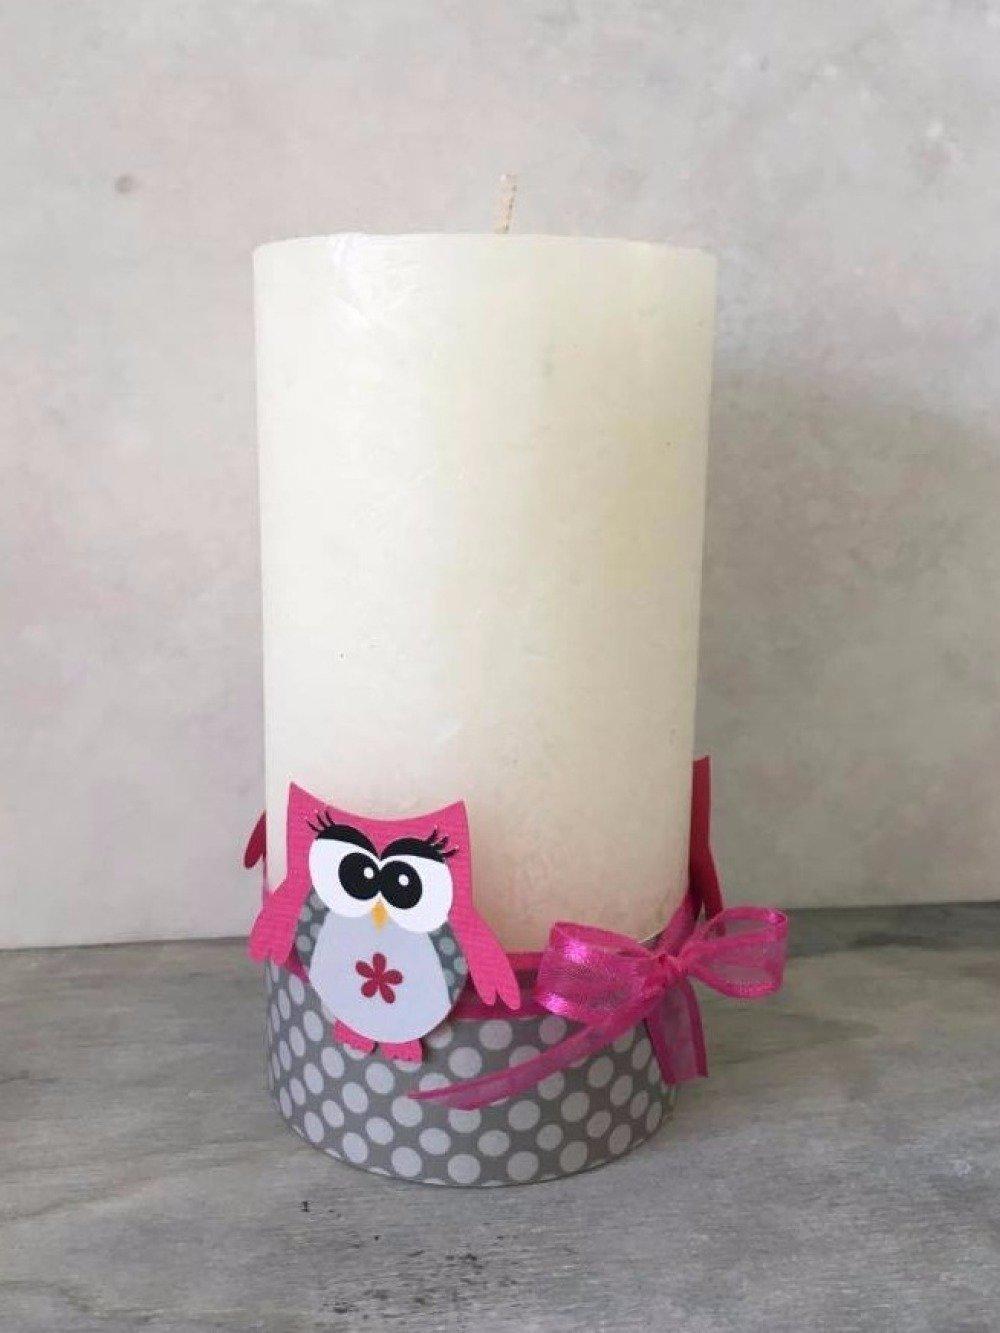 Deco De Table Bougie bougie décoration hibou chouette - décoration de table baptême communion  anniversaire fille